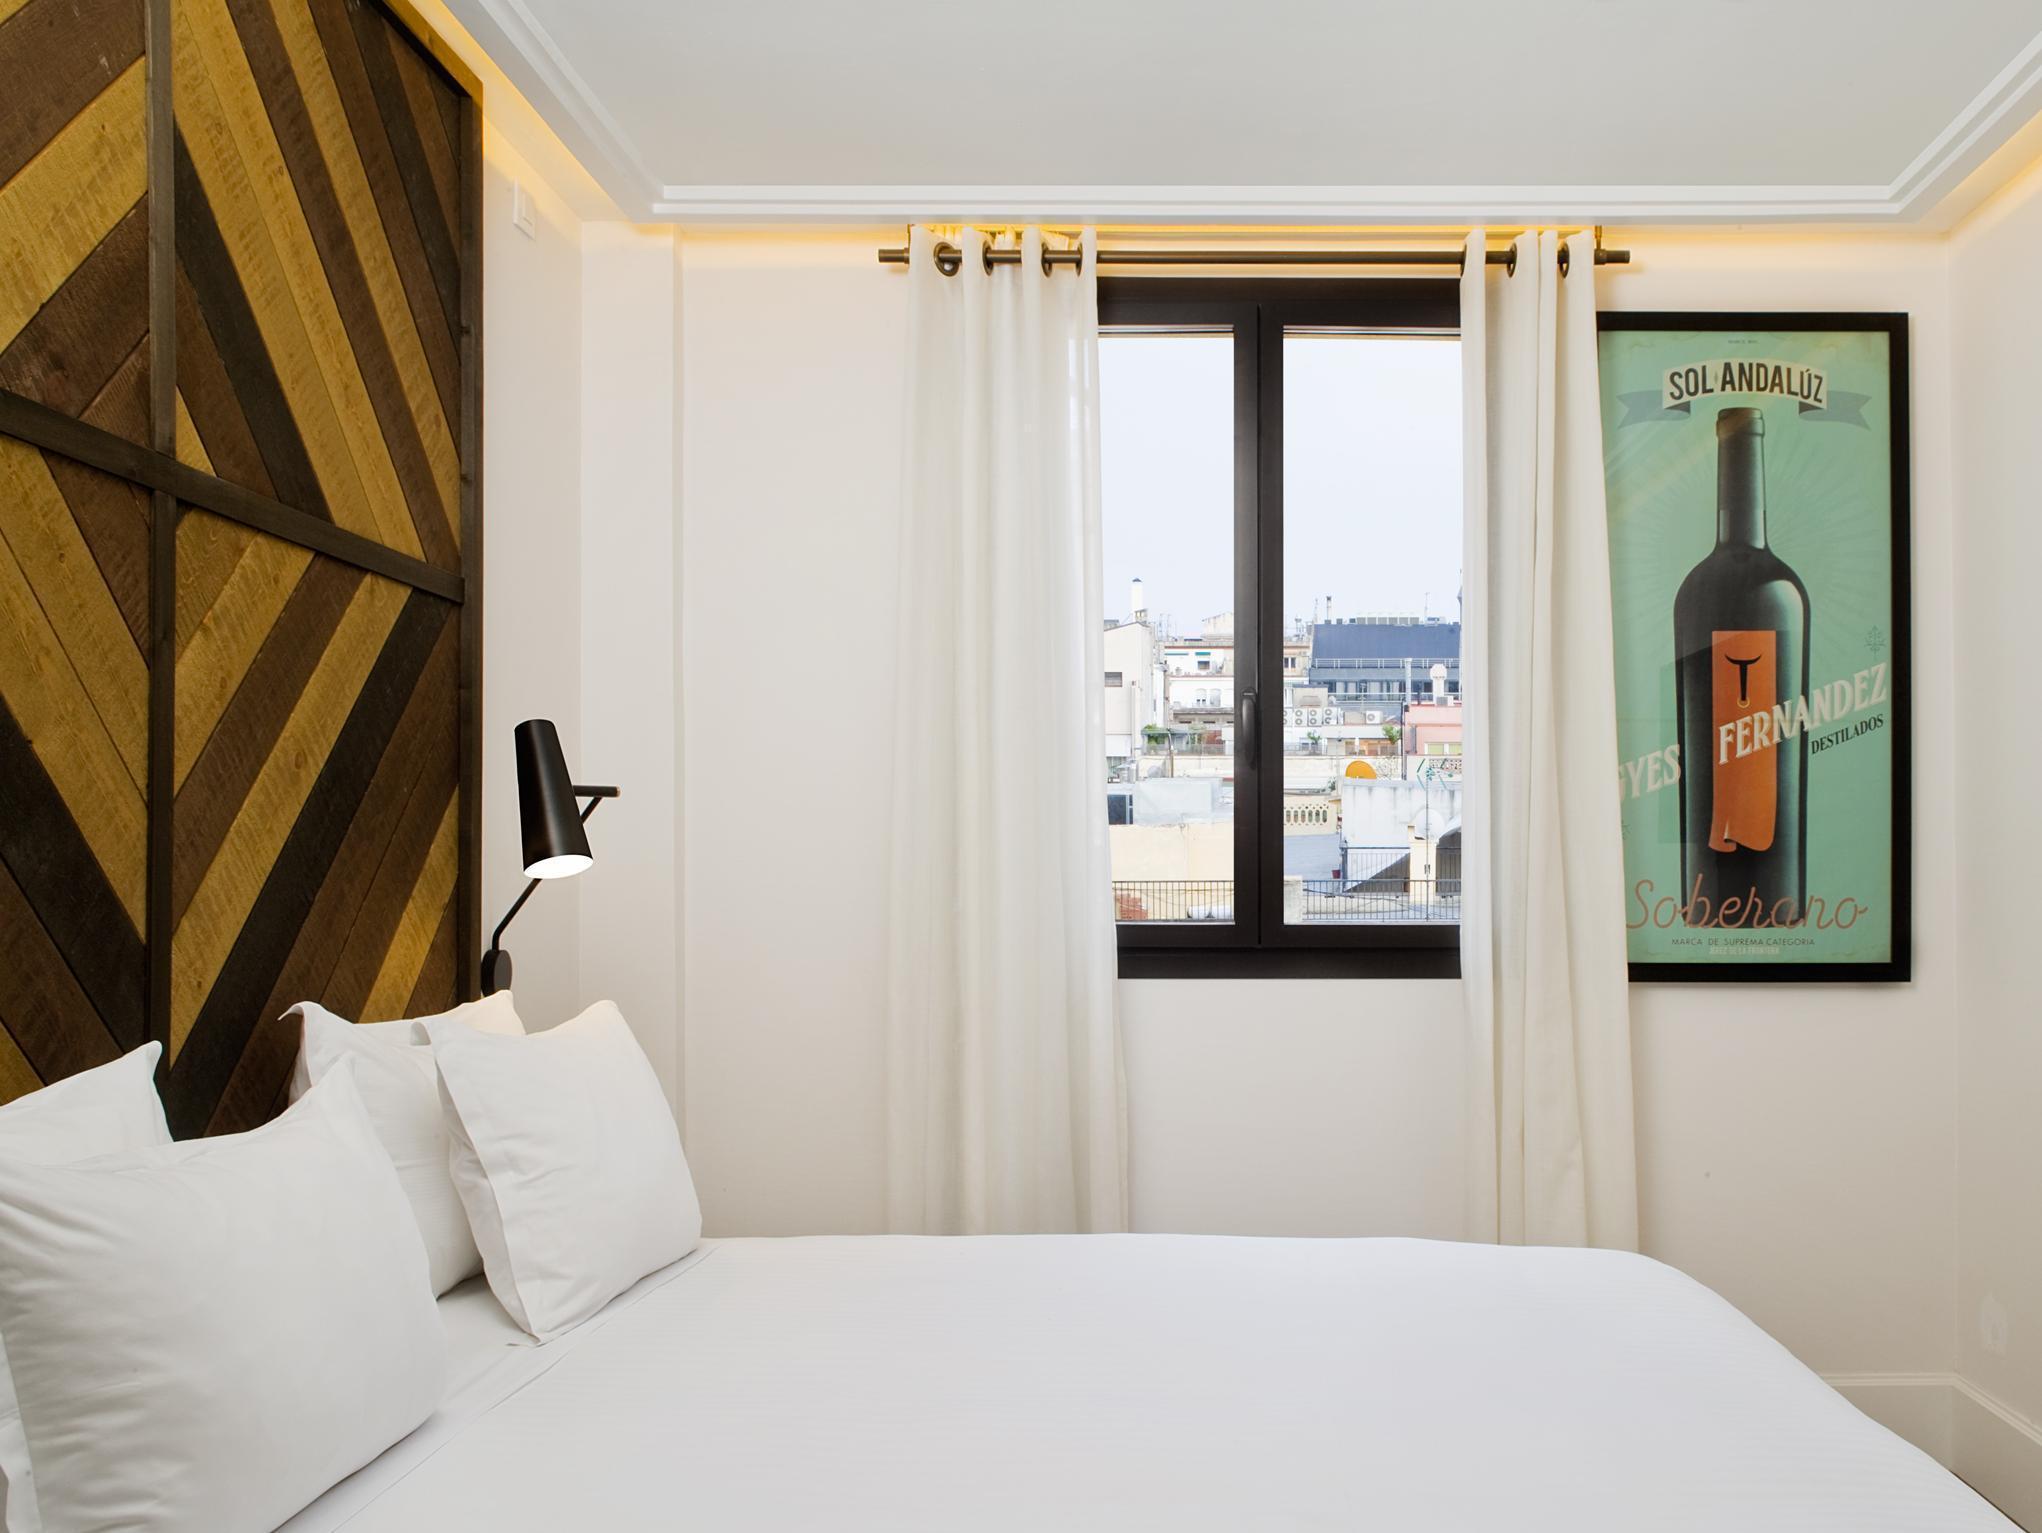 Praktik Vinoteca Hotel